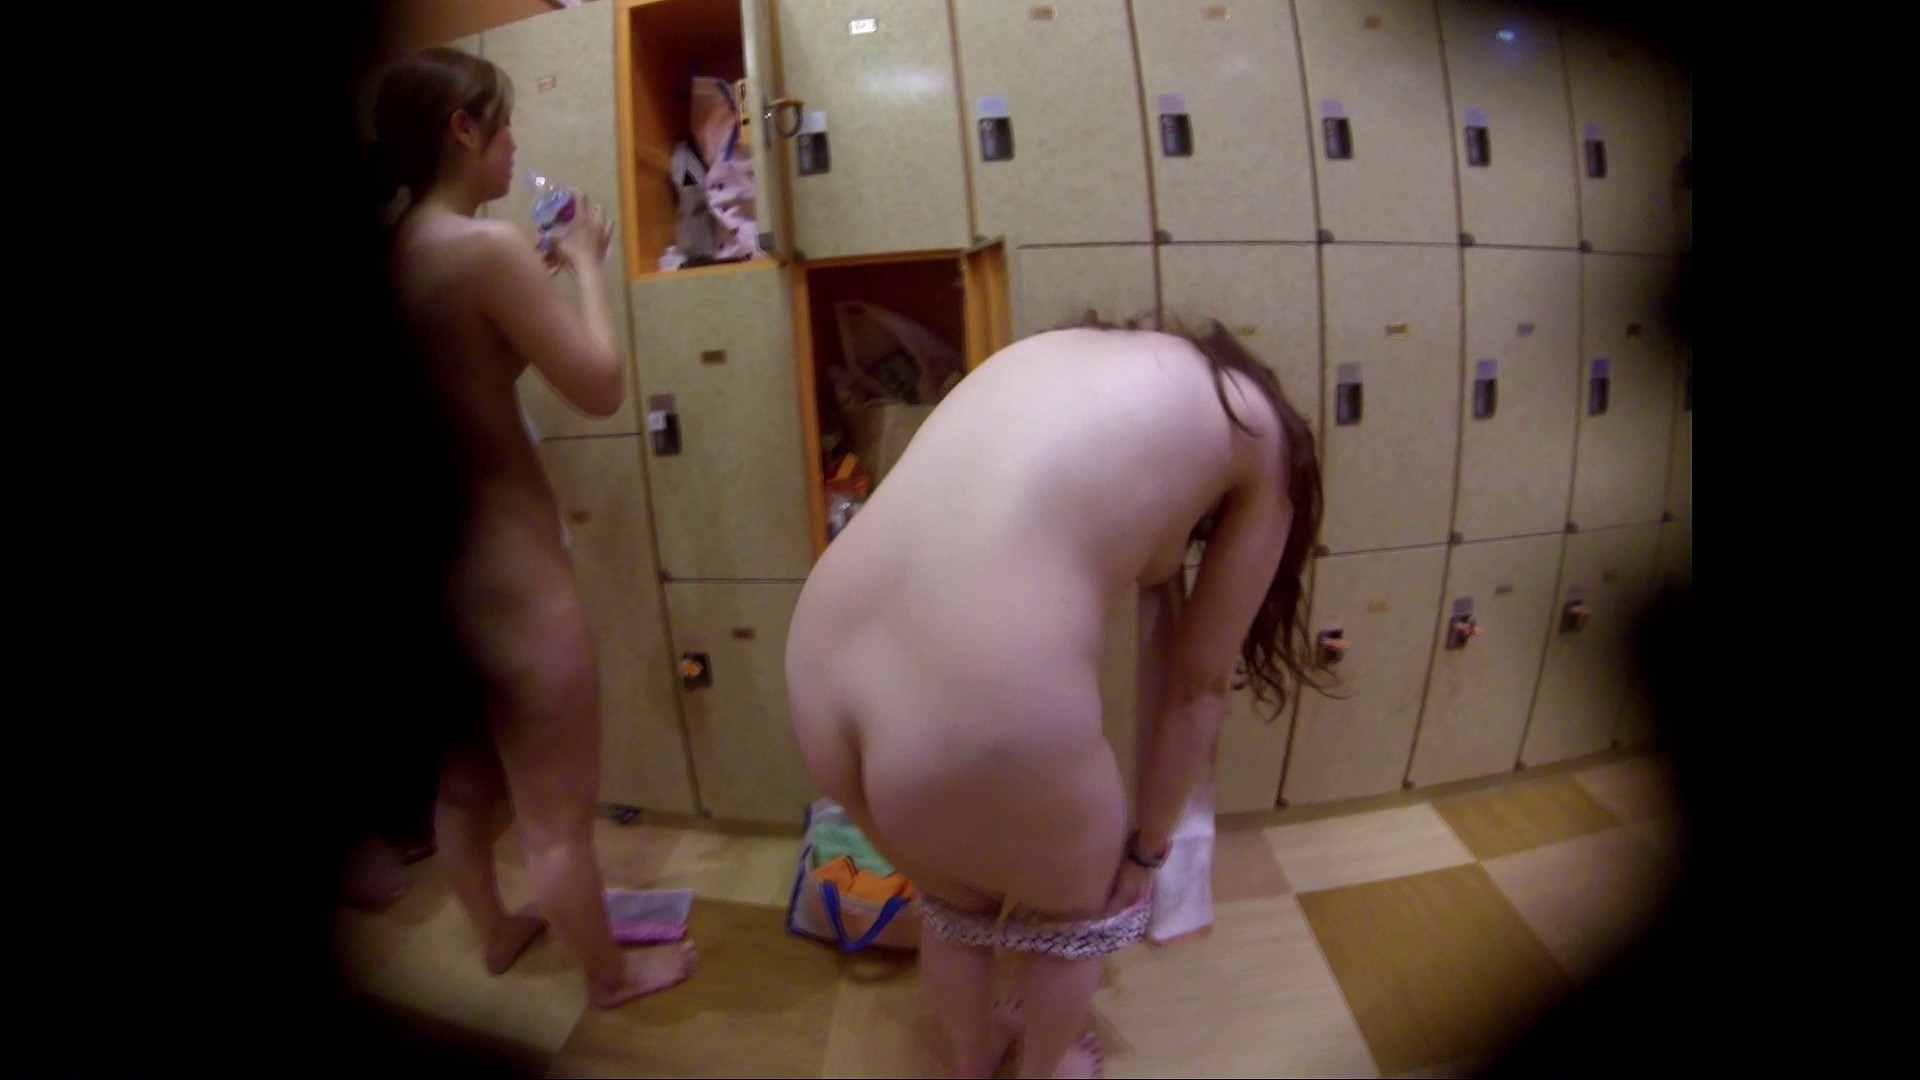 追い撮り!脱衣~洗い場、徹底追跡!撮り師さんに拍手!! 桃色乳首 ヌード画像 95画像 4